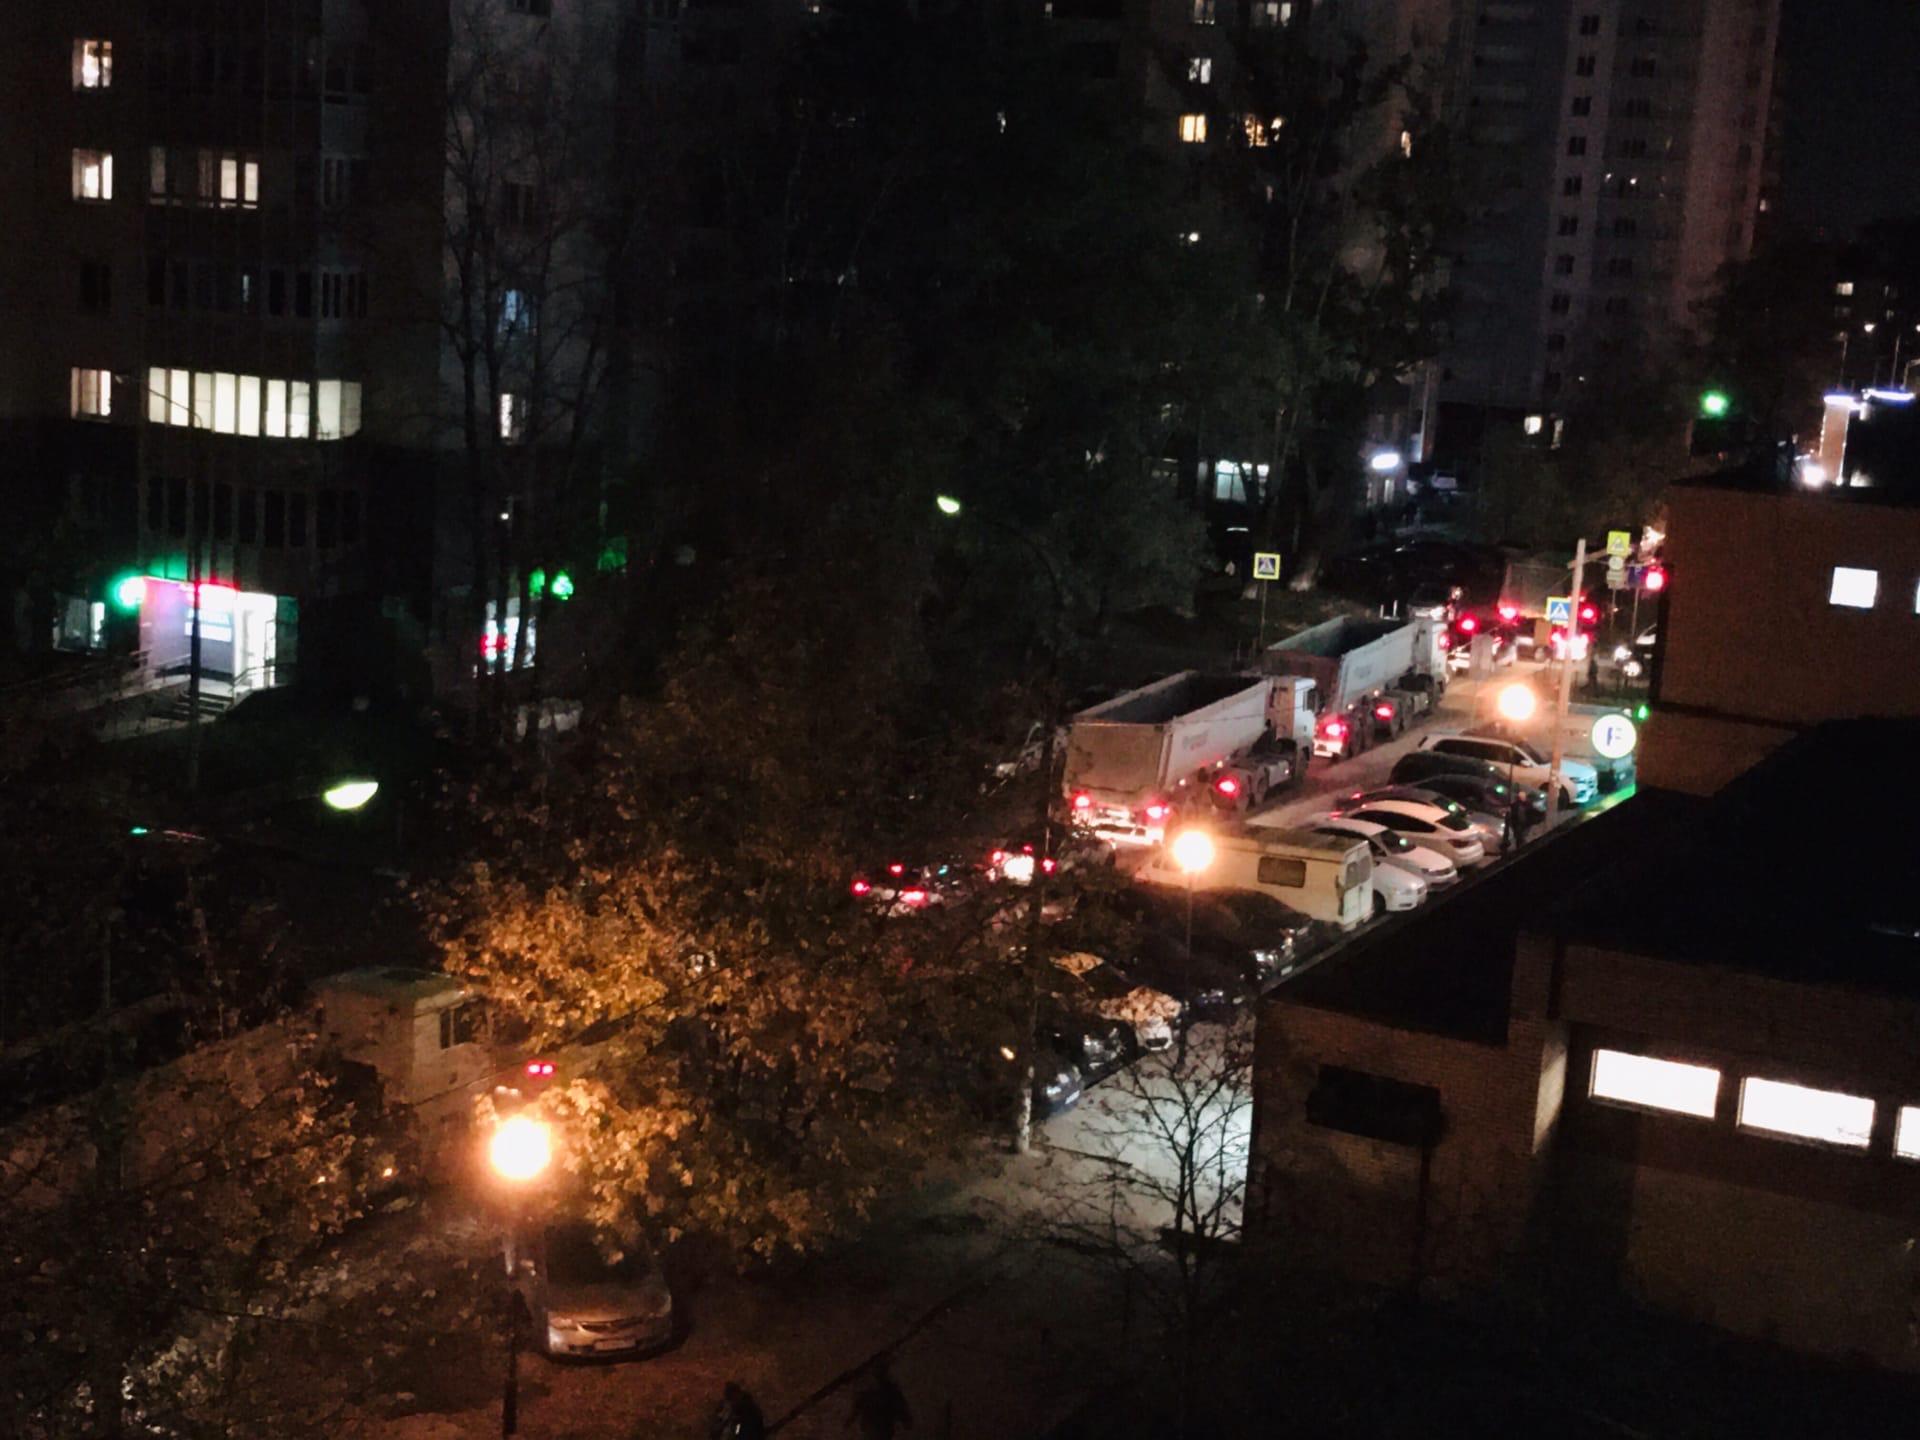 Улица Заводская, такие пробки и шум от нервных водителей ежедневно в будние дни с 16:00 до 21:00.